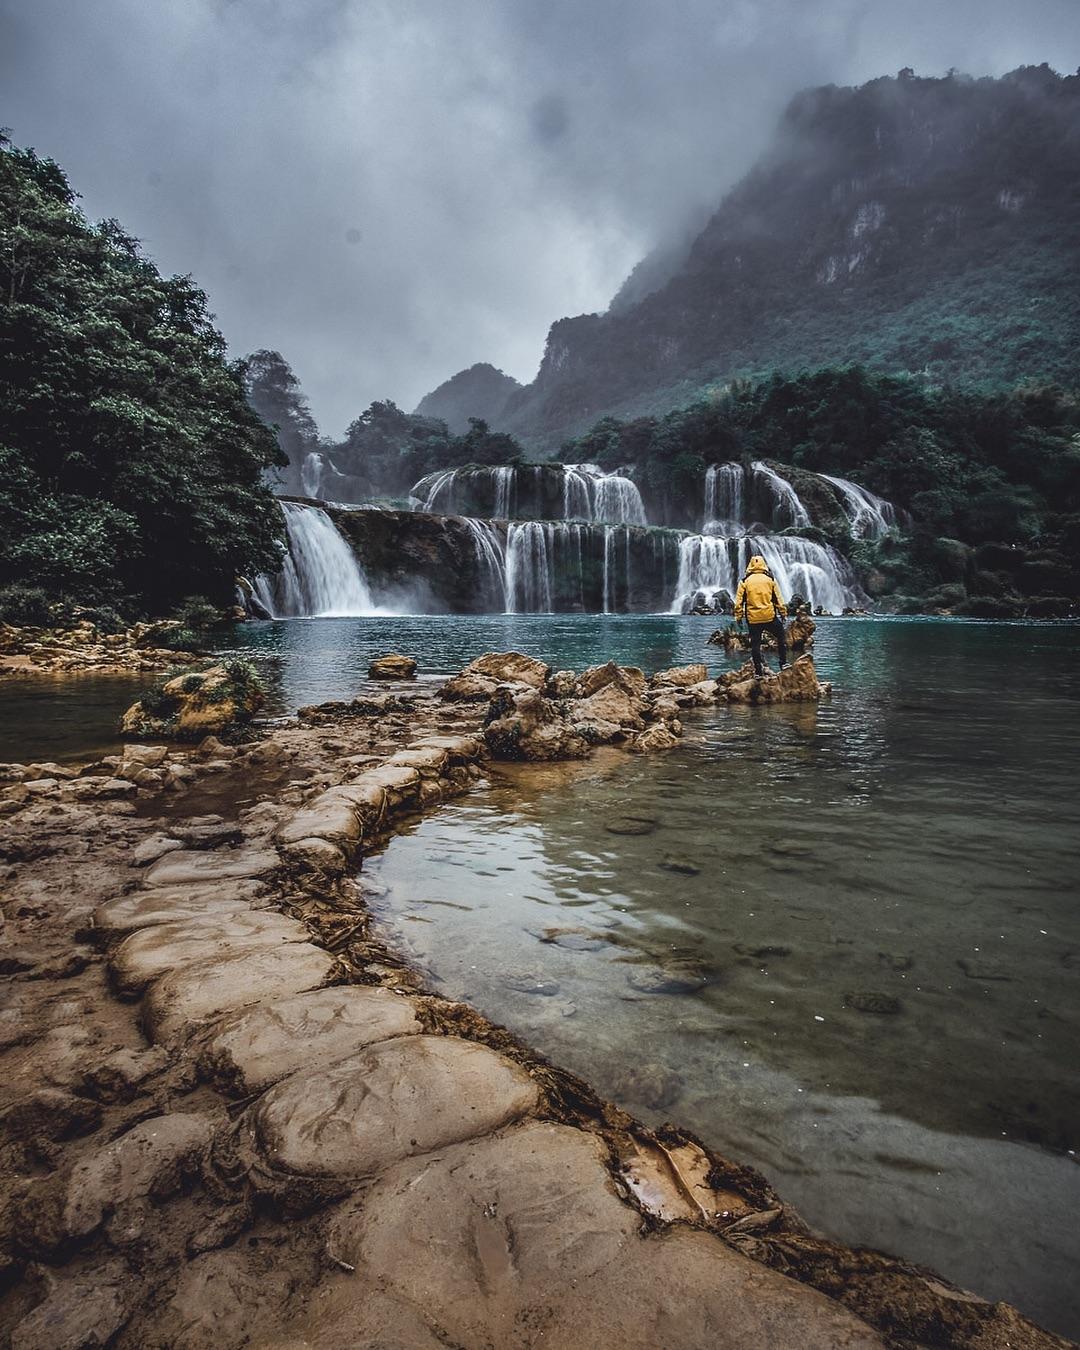 ban-gioc-waterfall-cao-bang-24